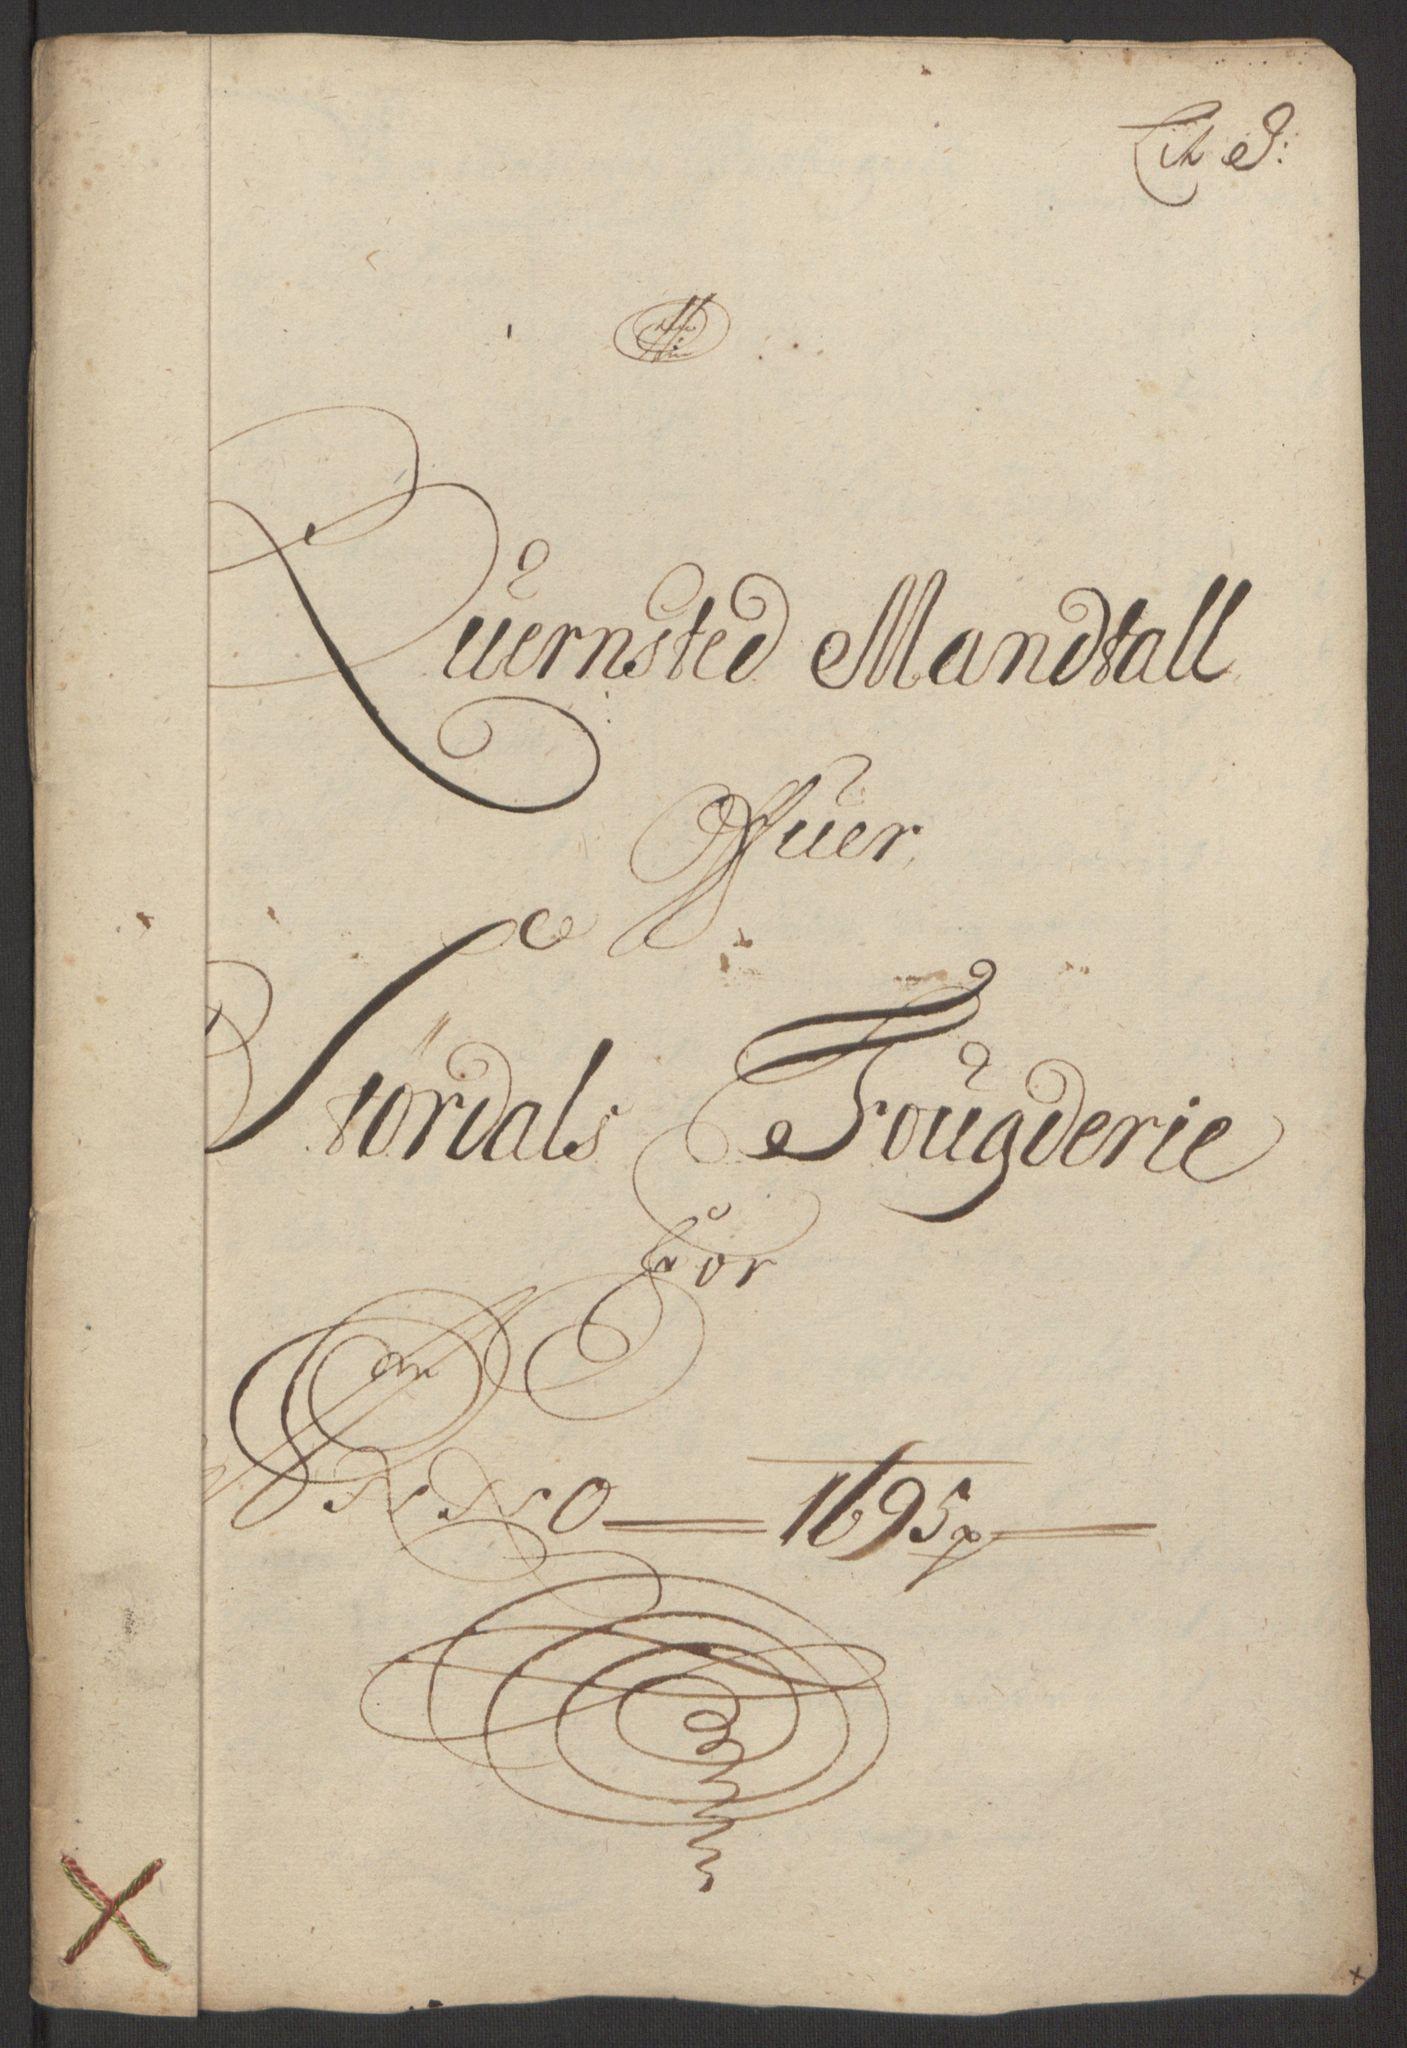 RA, Rentekammeret inntil 1814, Reviderte regnskaper, Fogderegnskap, R62/L4187: Fogderegnskap Stjørdal og Verdal, 1695, s. 125